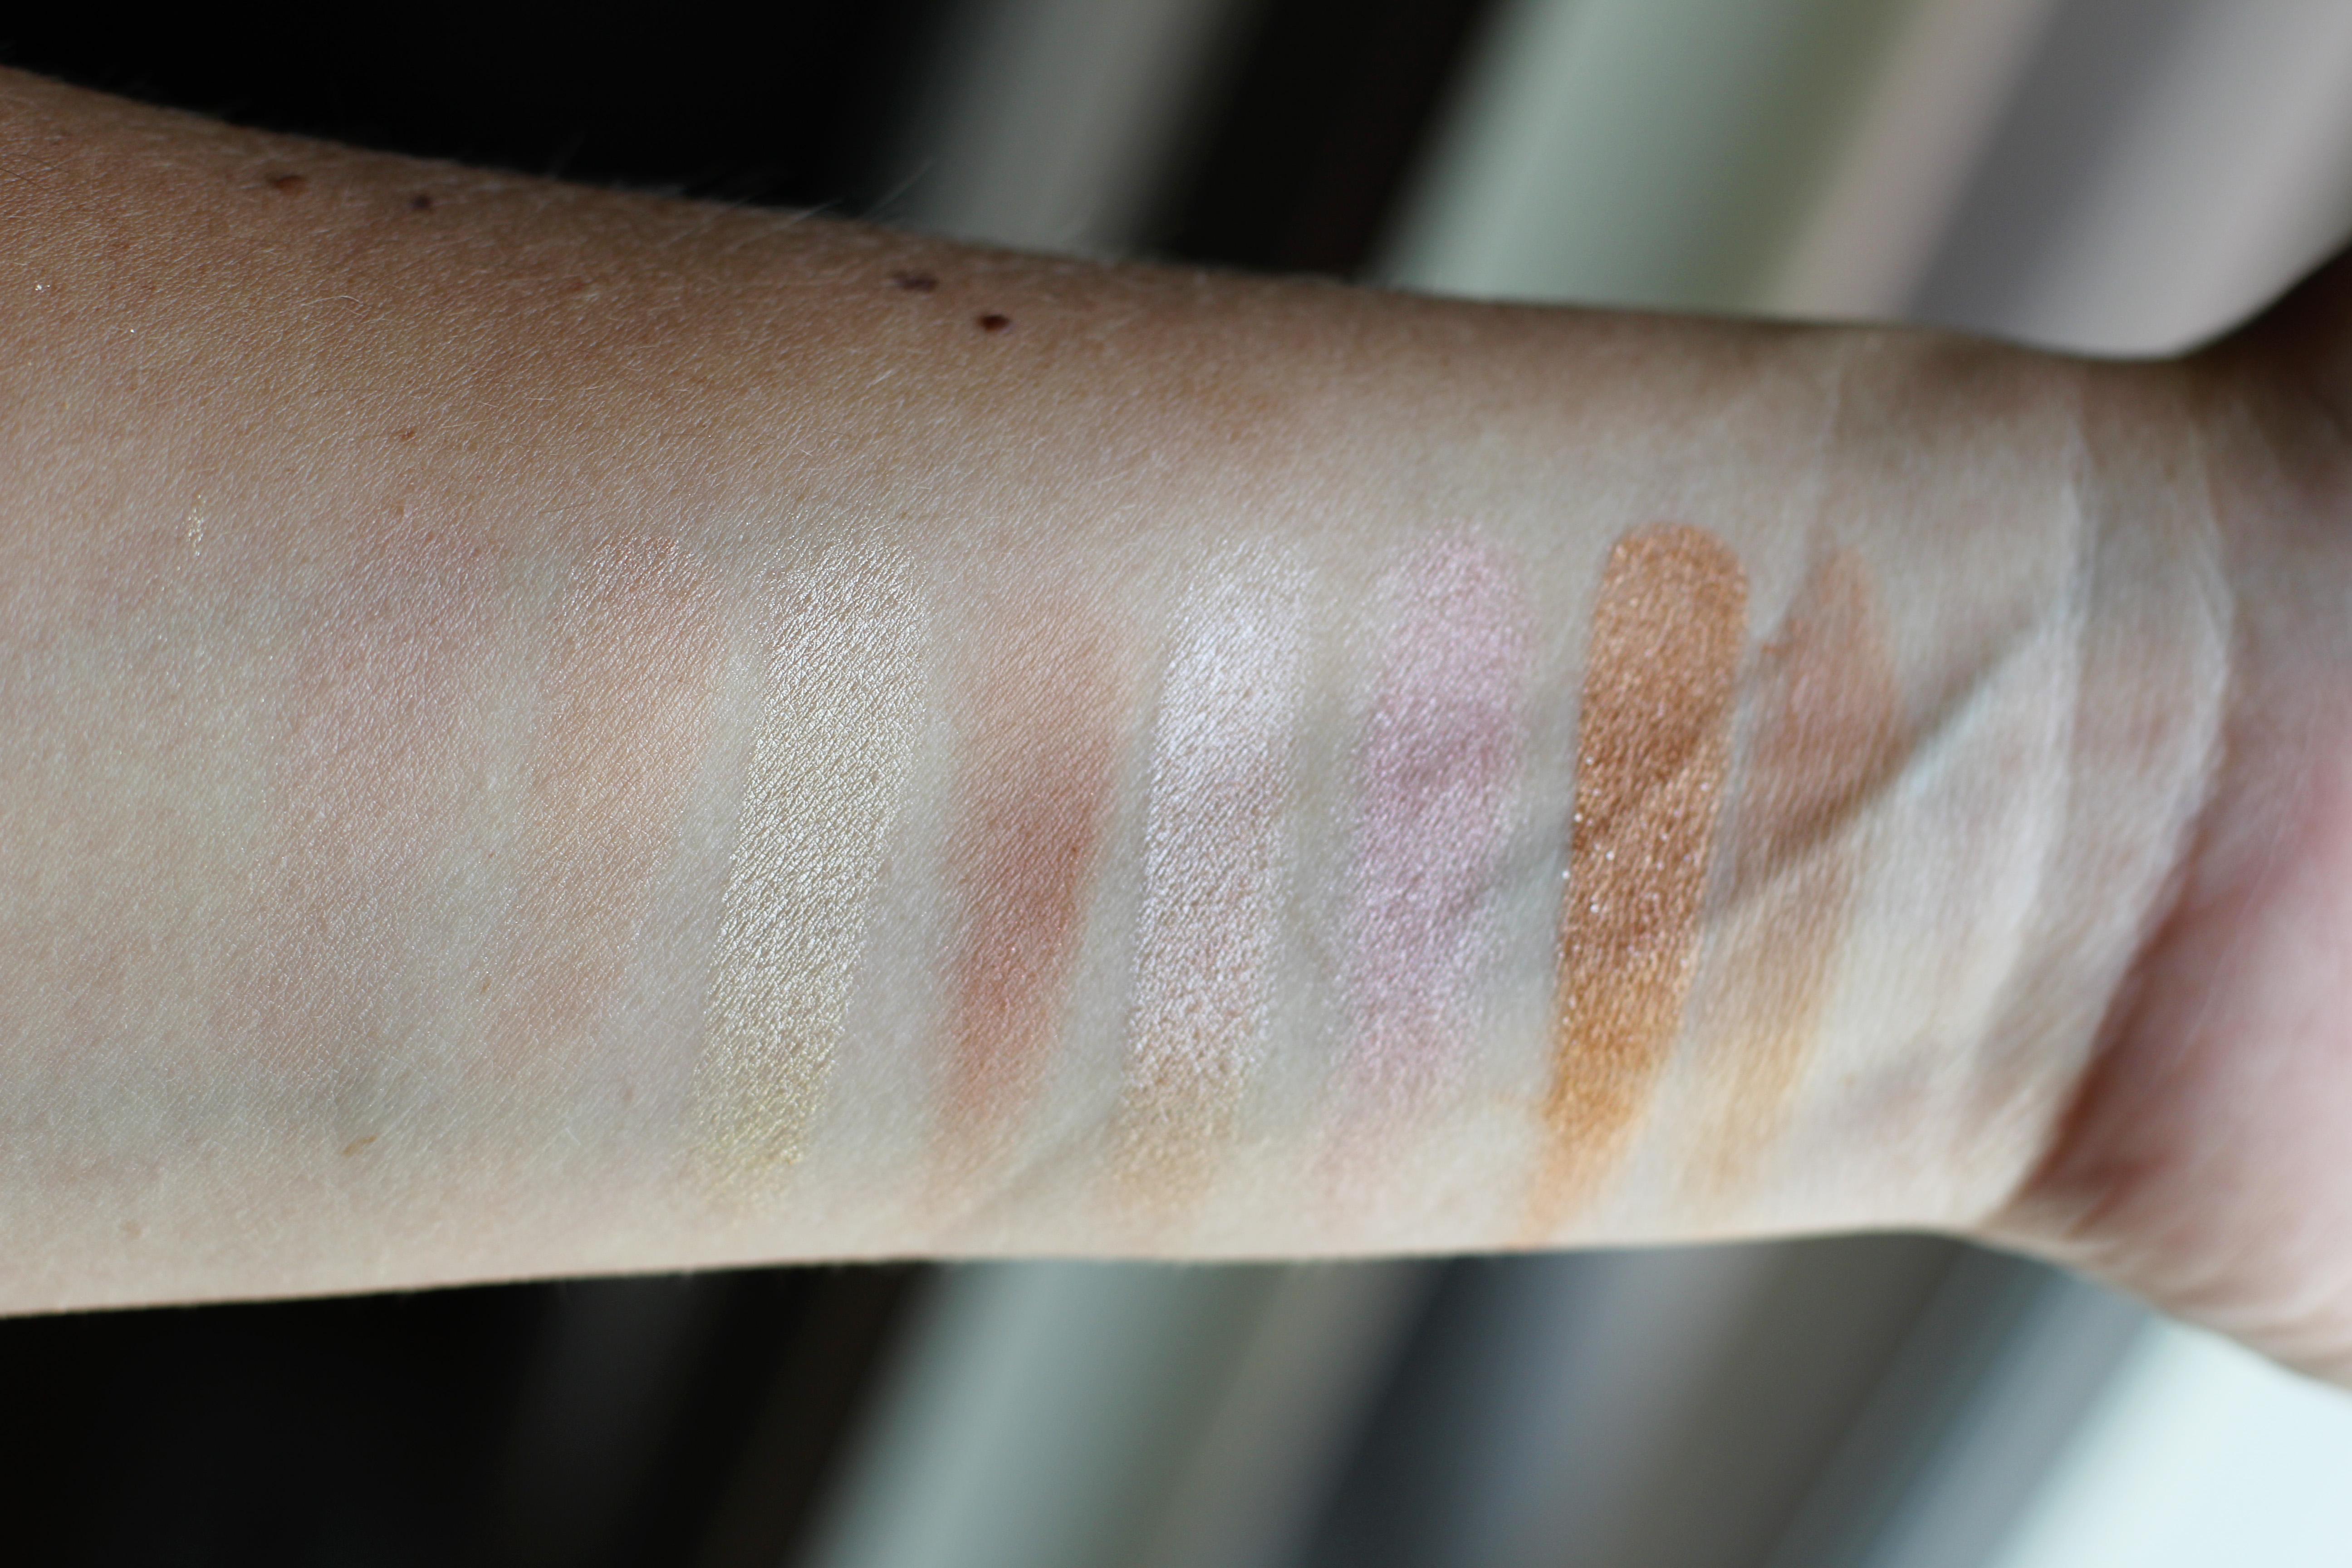 Makeup Revolution Golden Sugar 2 palette swatches